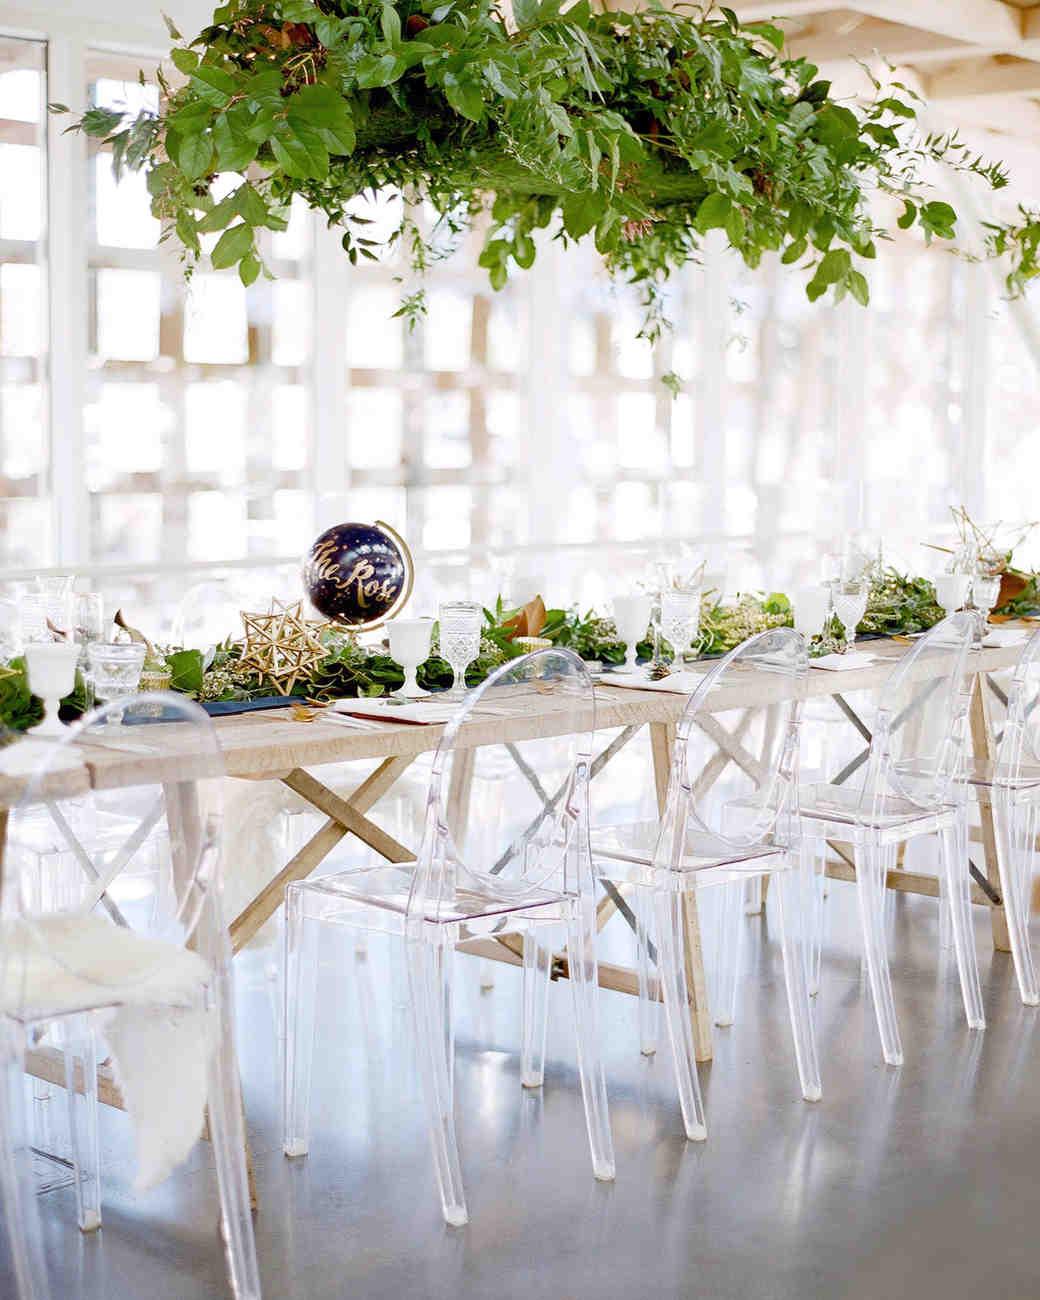 wedding chairs greenery